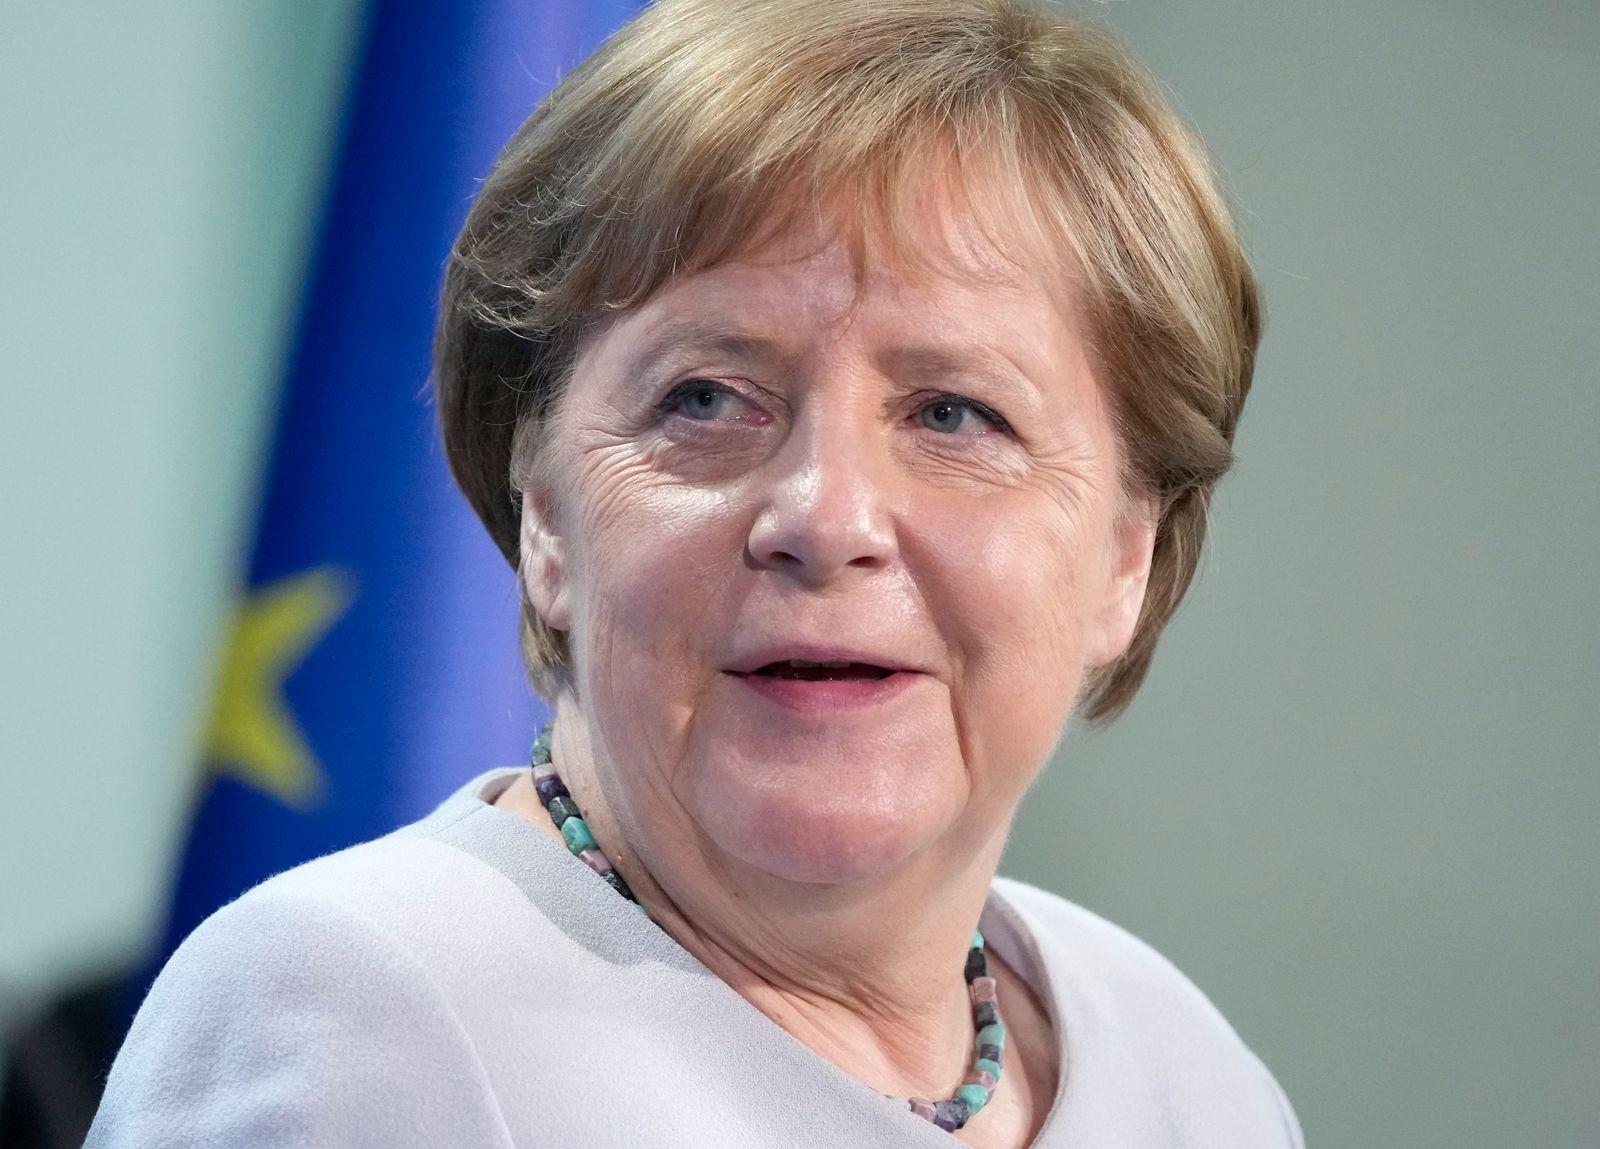 Ursula von der Leyen Meets With Angela Merkel In Berlin